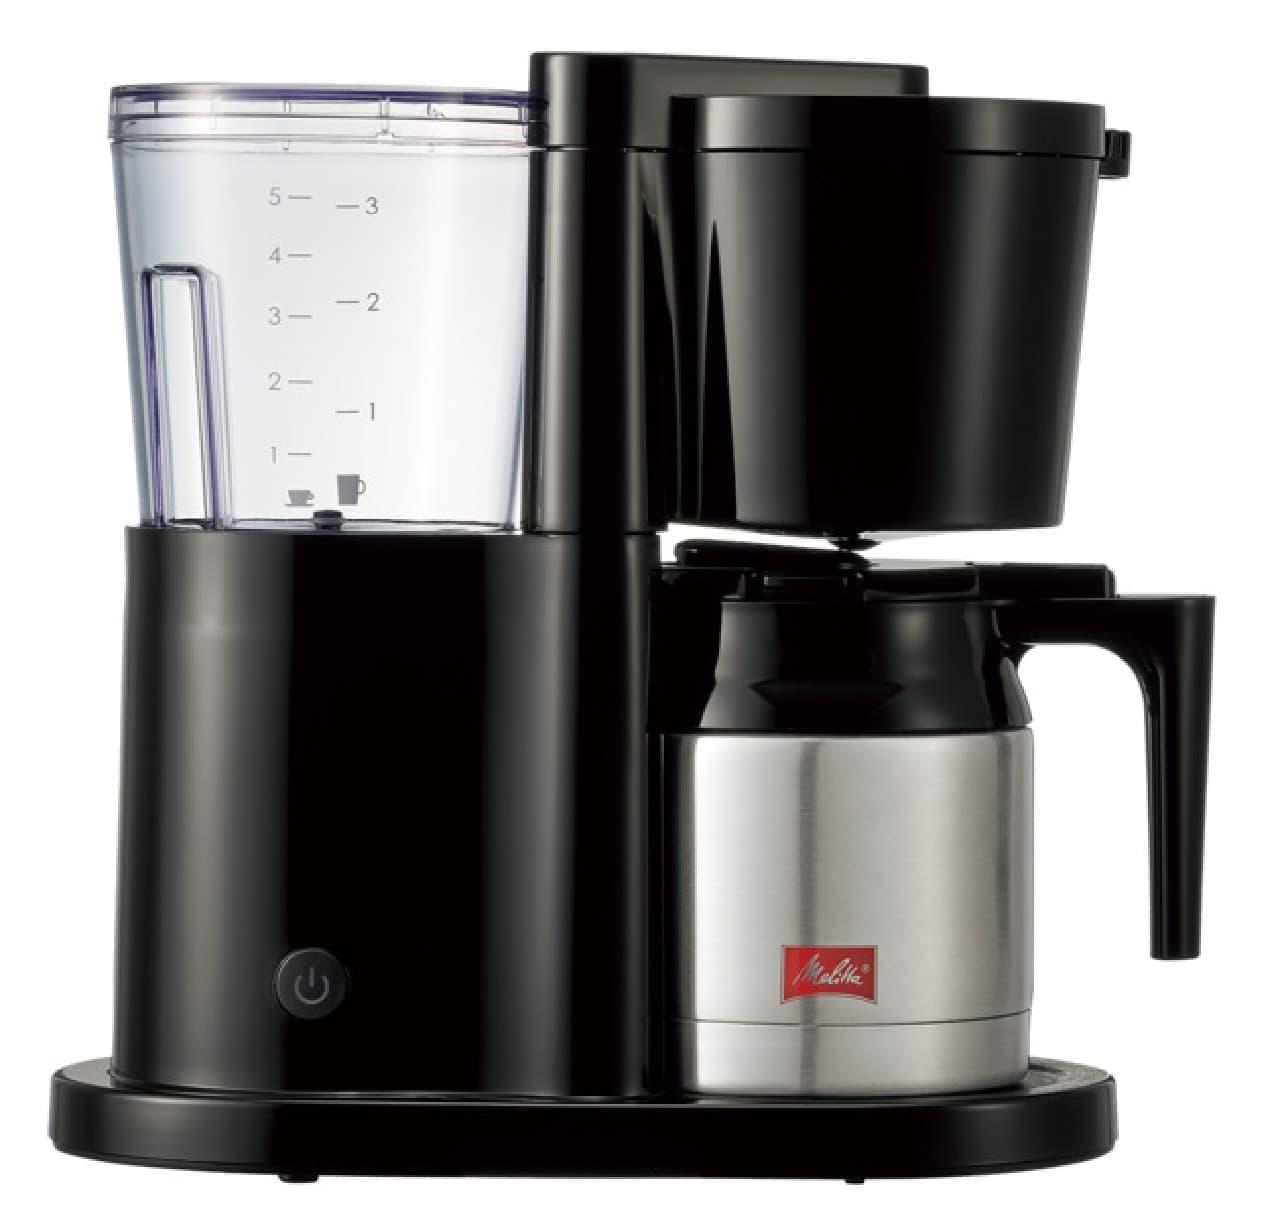 フィルターペーパー式最新コーヒーメーカー「メリタ オルフィプラス」と省スペースモデル「メリタ オルフィプラス」が登場。